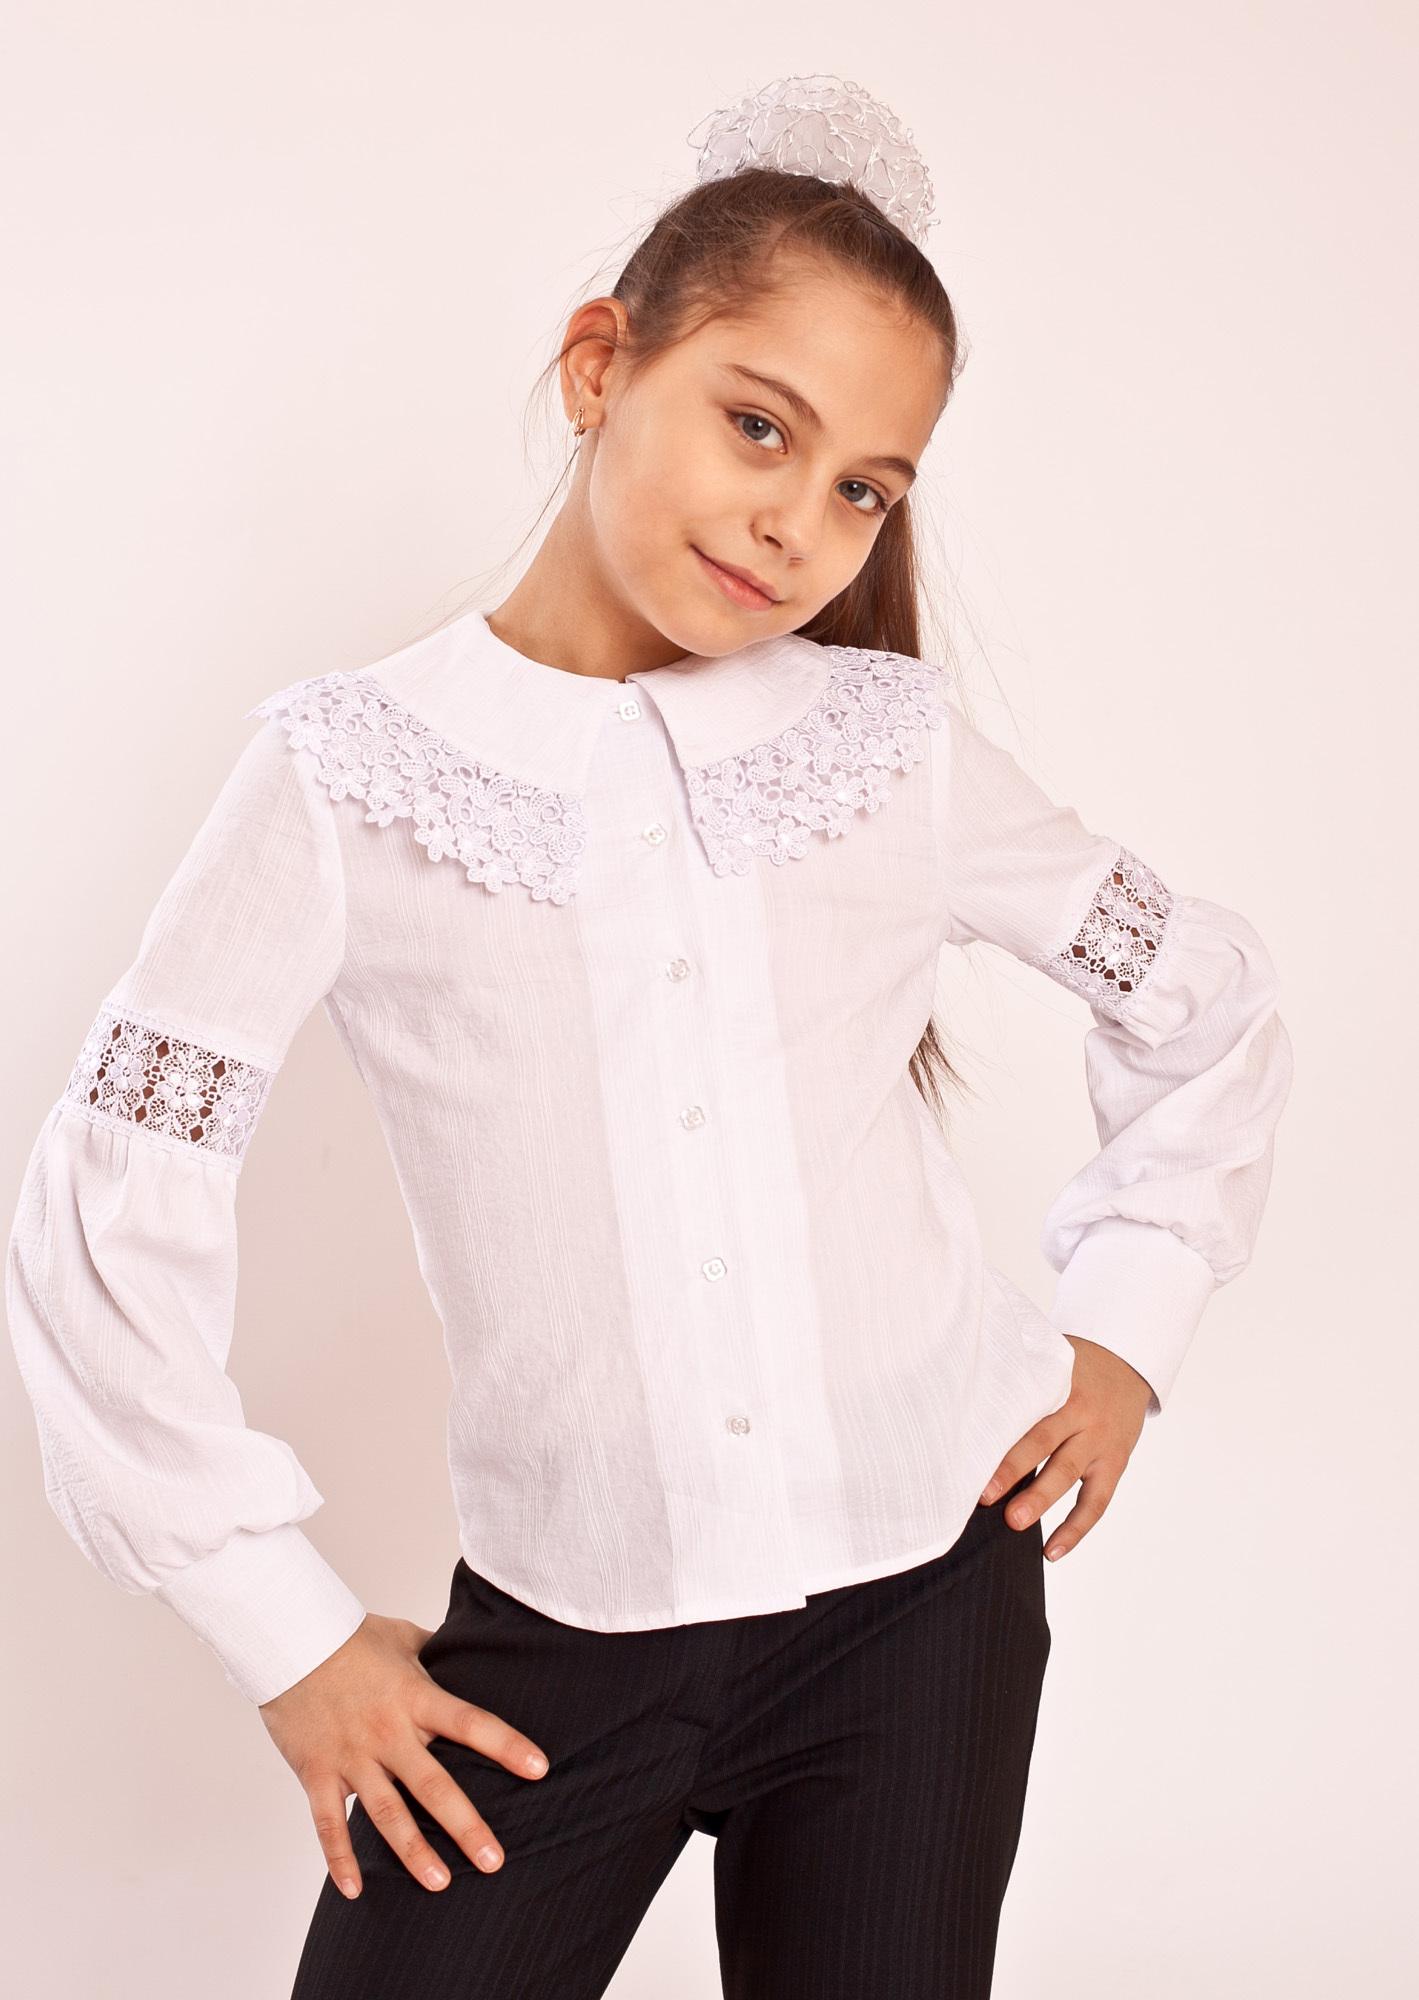 Купить Блузку Для Школы В Москве